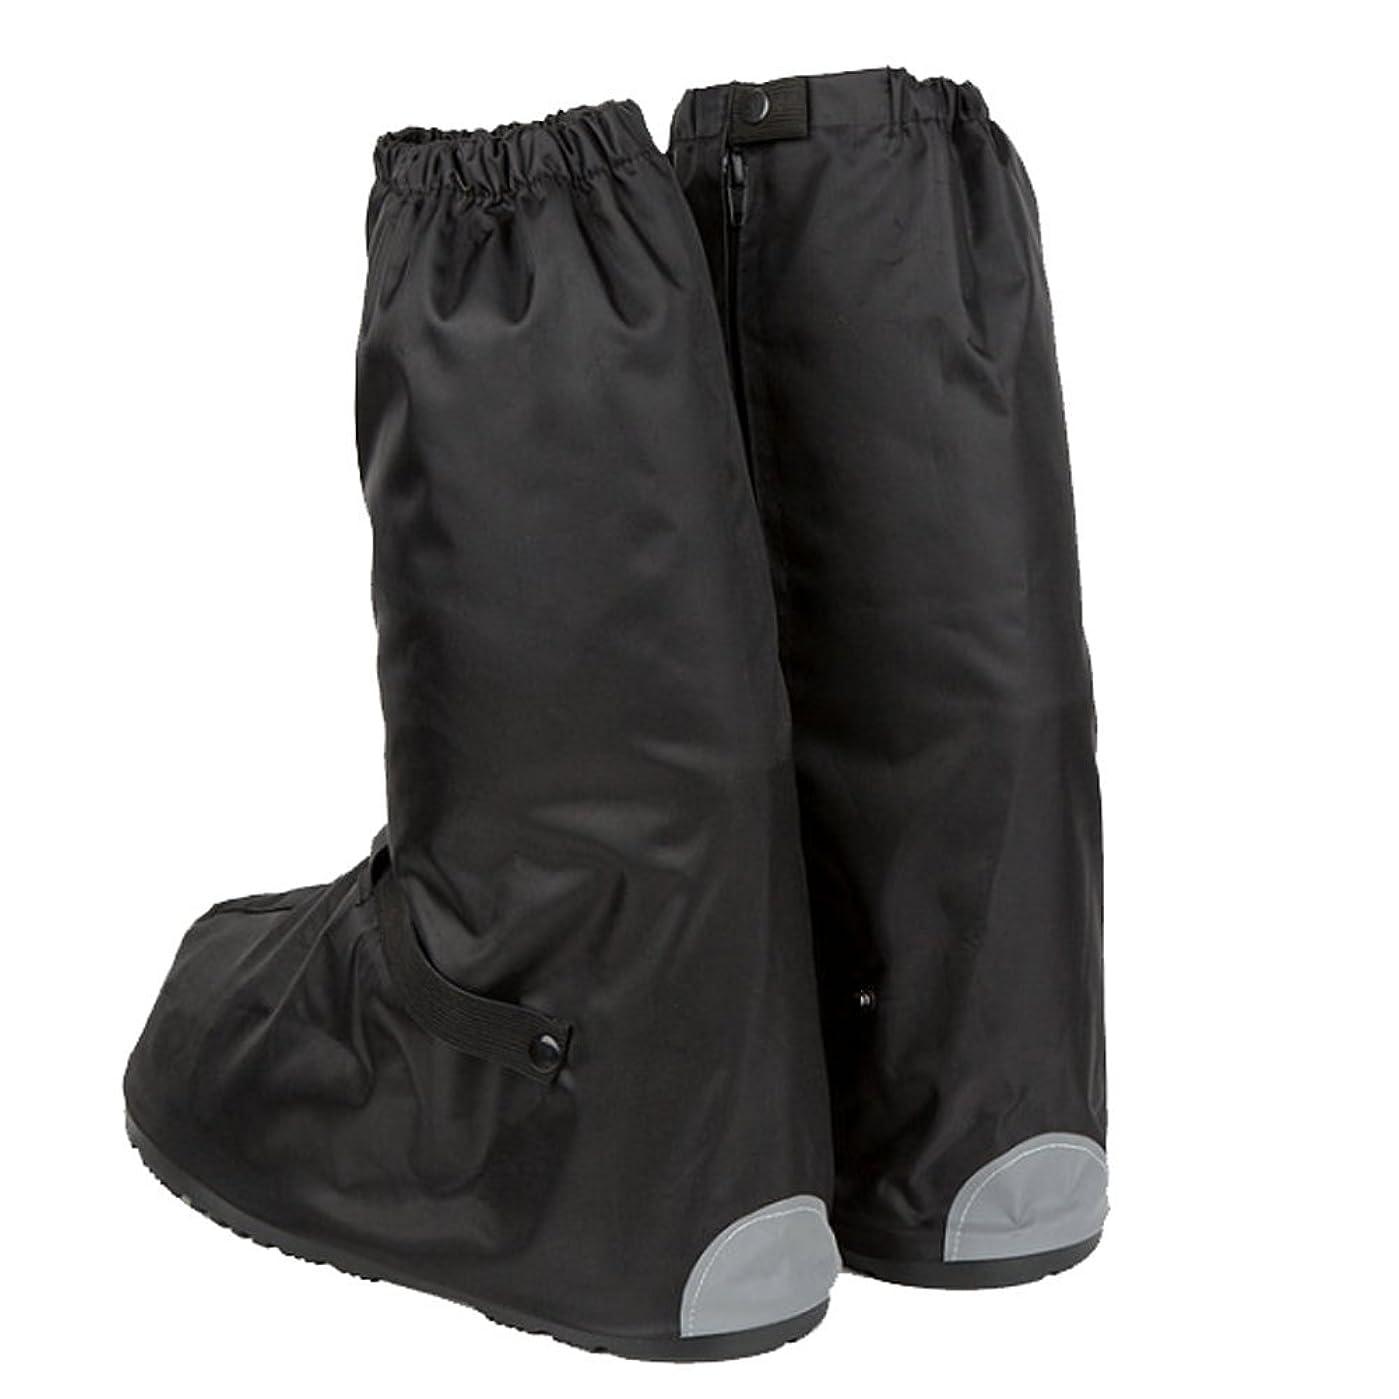 うそつき等価スクラップブックレッグカバー ゲイター 防水 通勤用靴 防水 防雪カバー 靴カバー フットカバー シューズカバー (S)